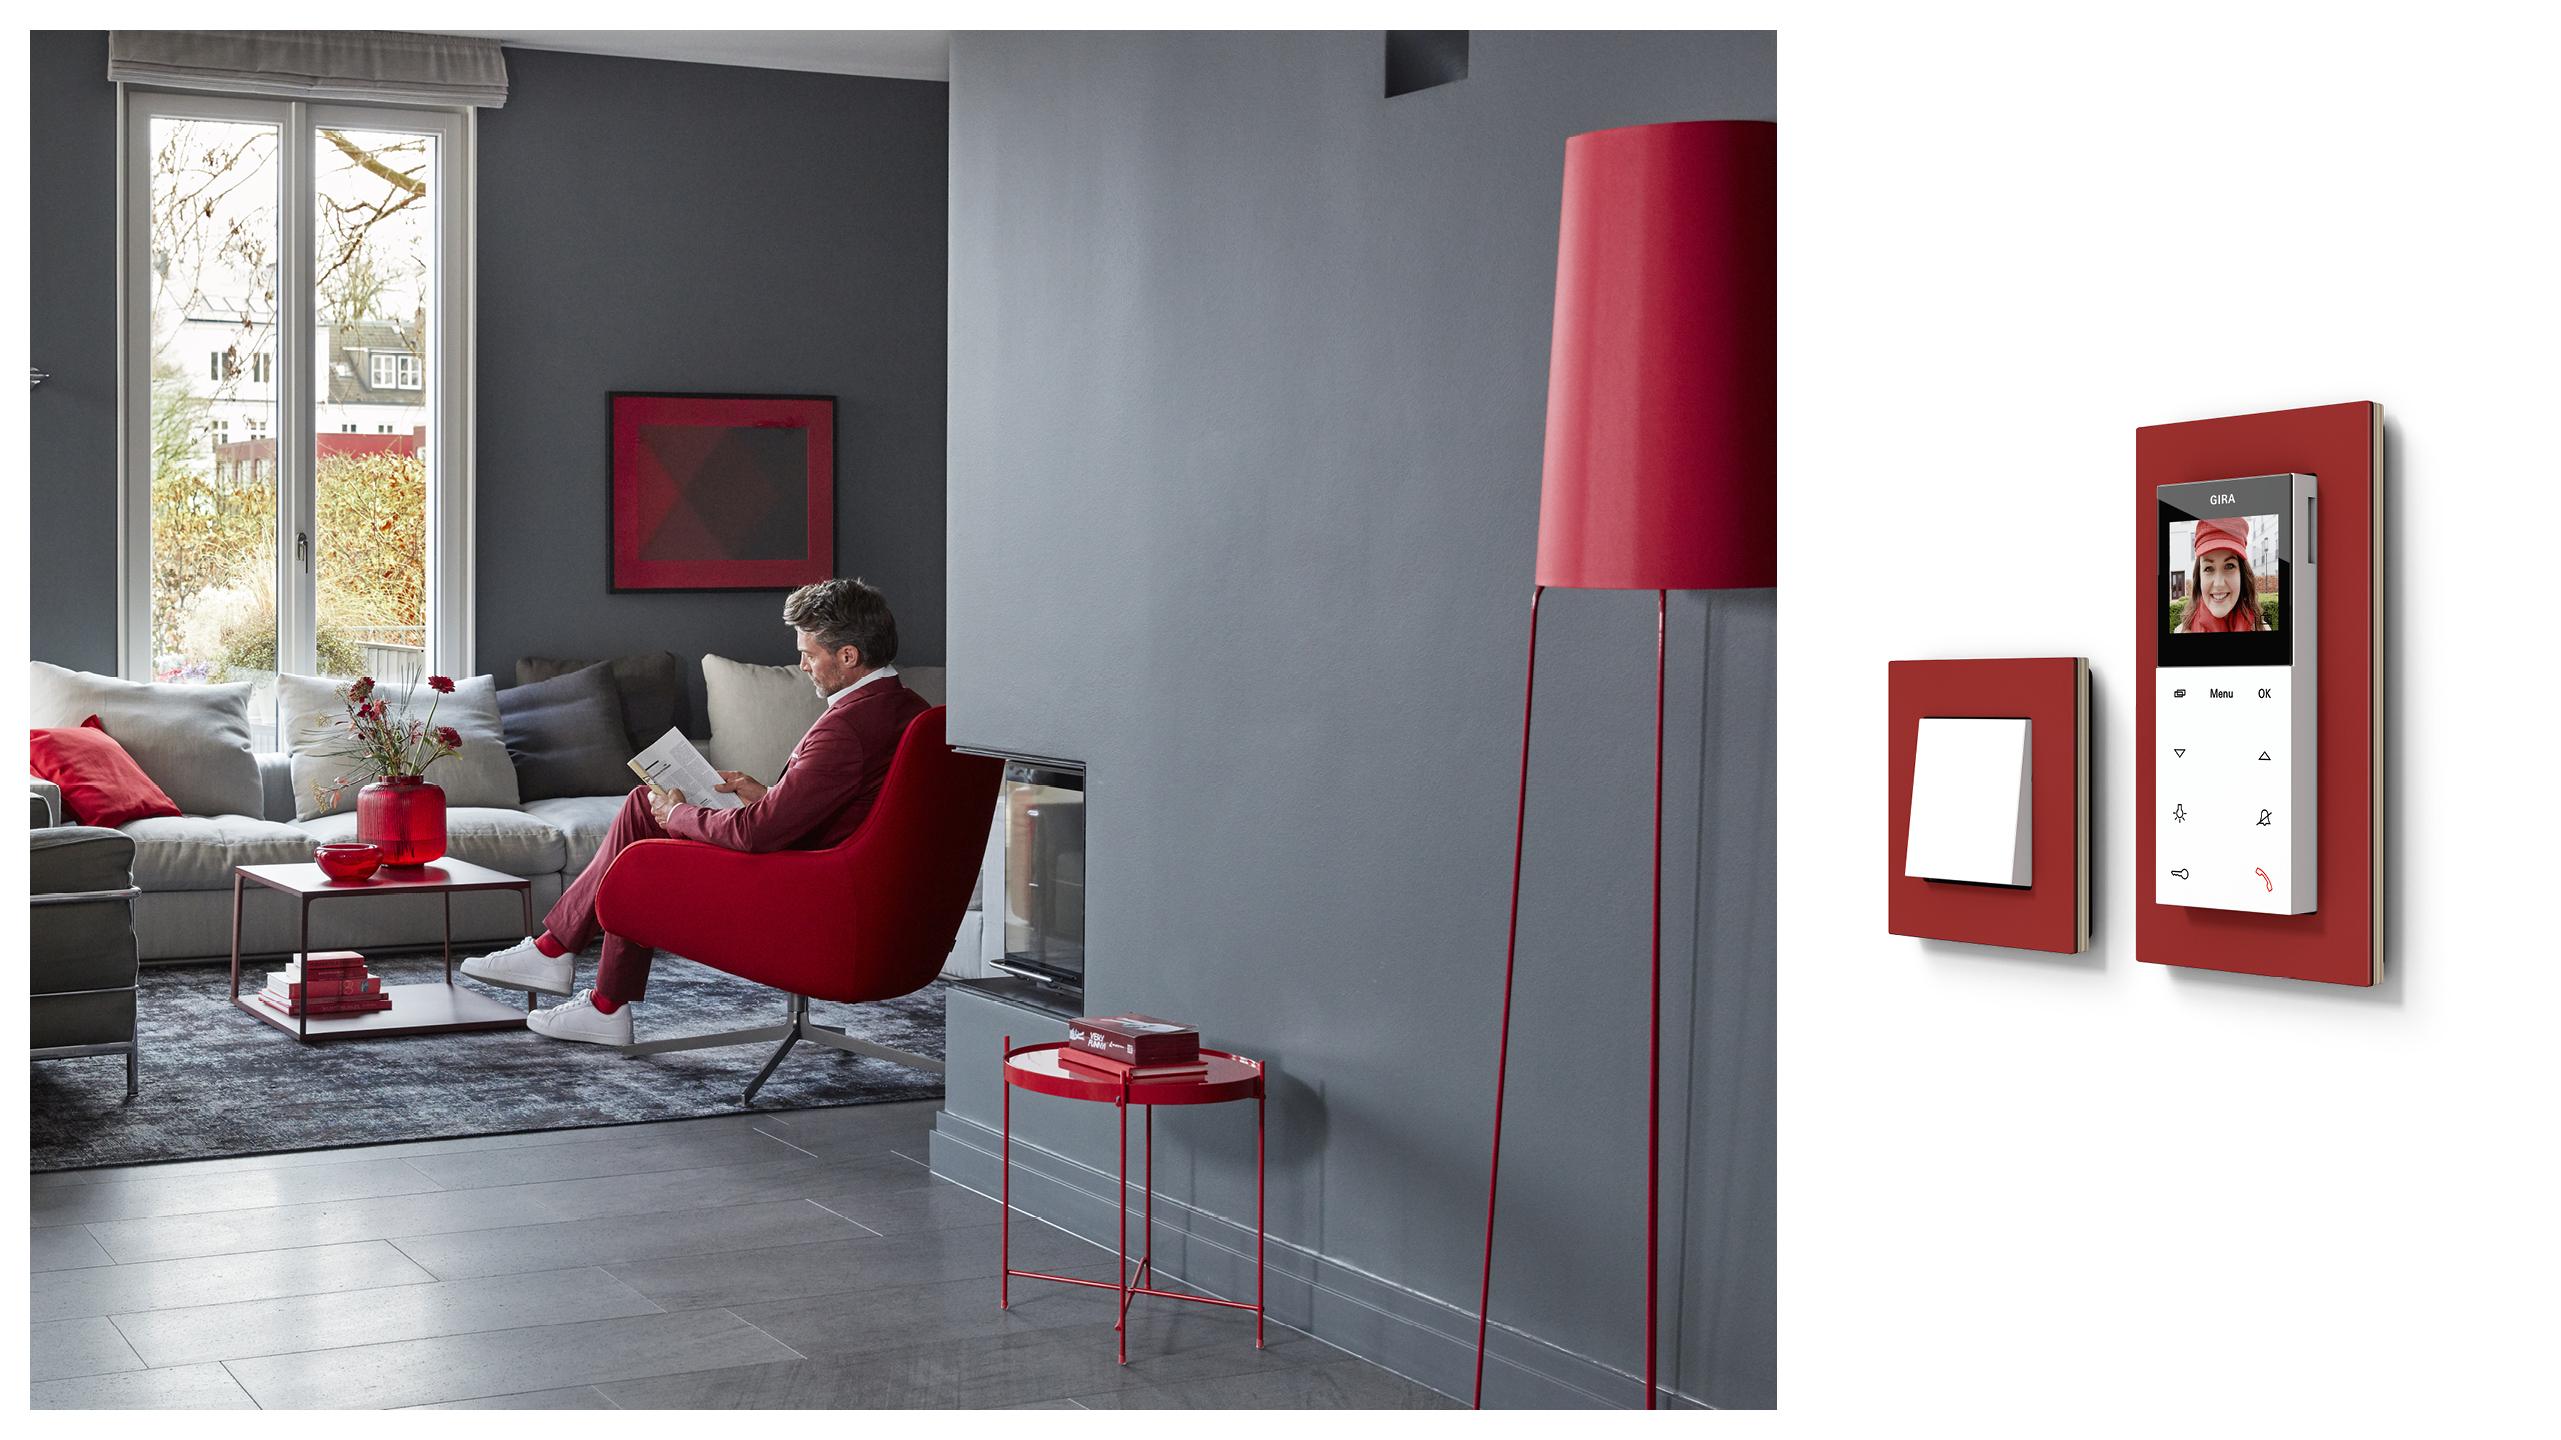 Bild zeigt Wohnraum mit Gira Esprit Linoleum Multiplex